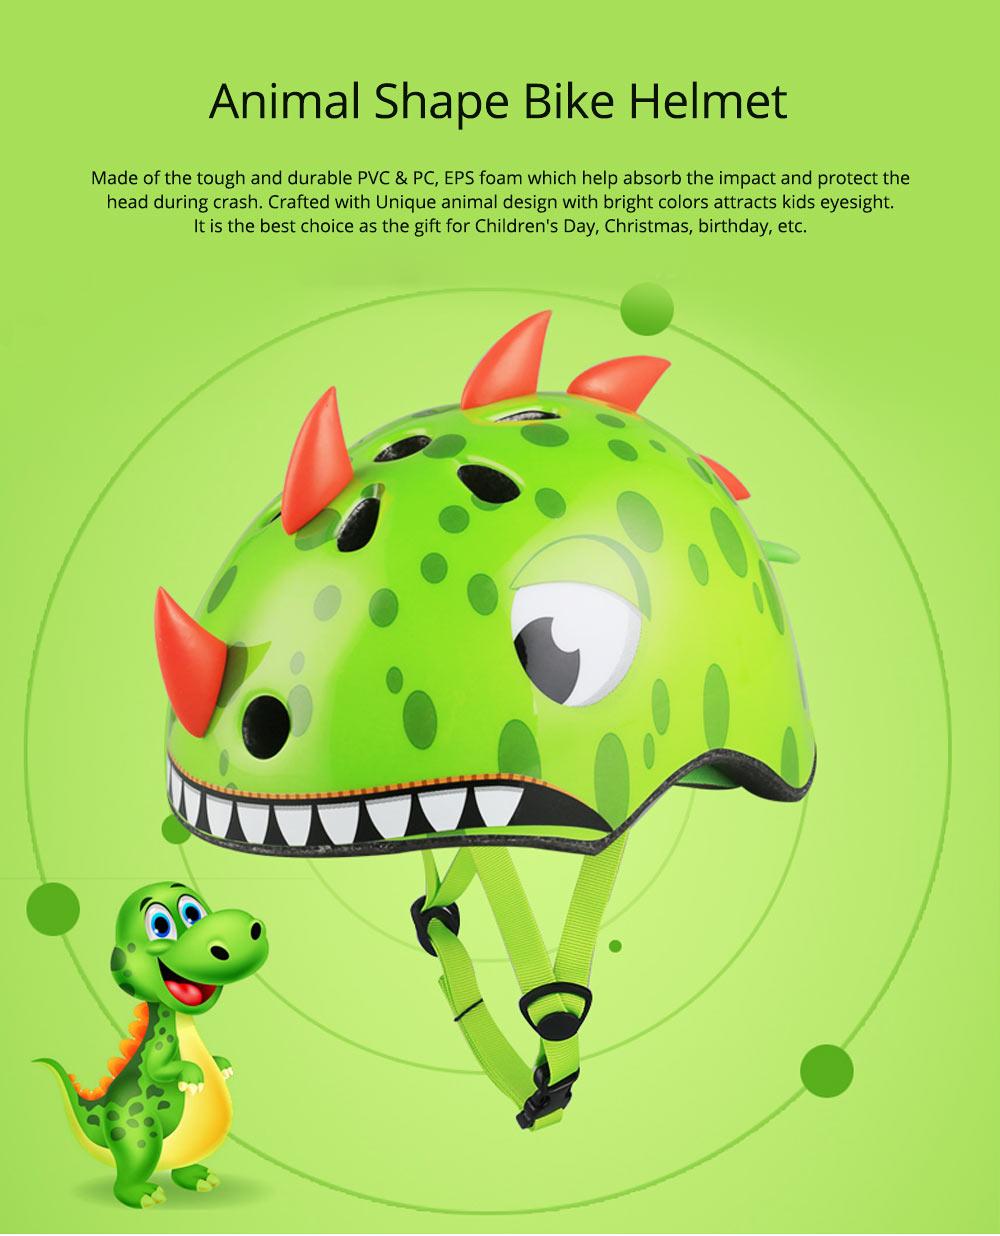 Animal Shape Bike Helmet for Kids, Children's Airflow Helmets Multi-Sport Safety Bike Helmet Cycling Helmet 0